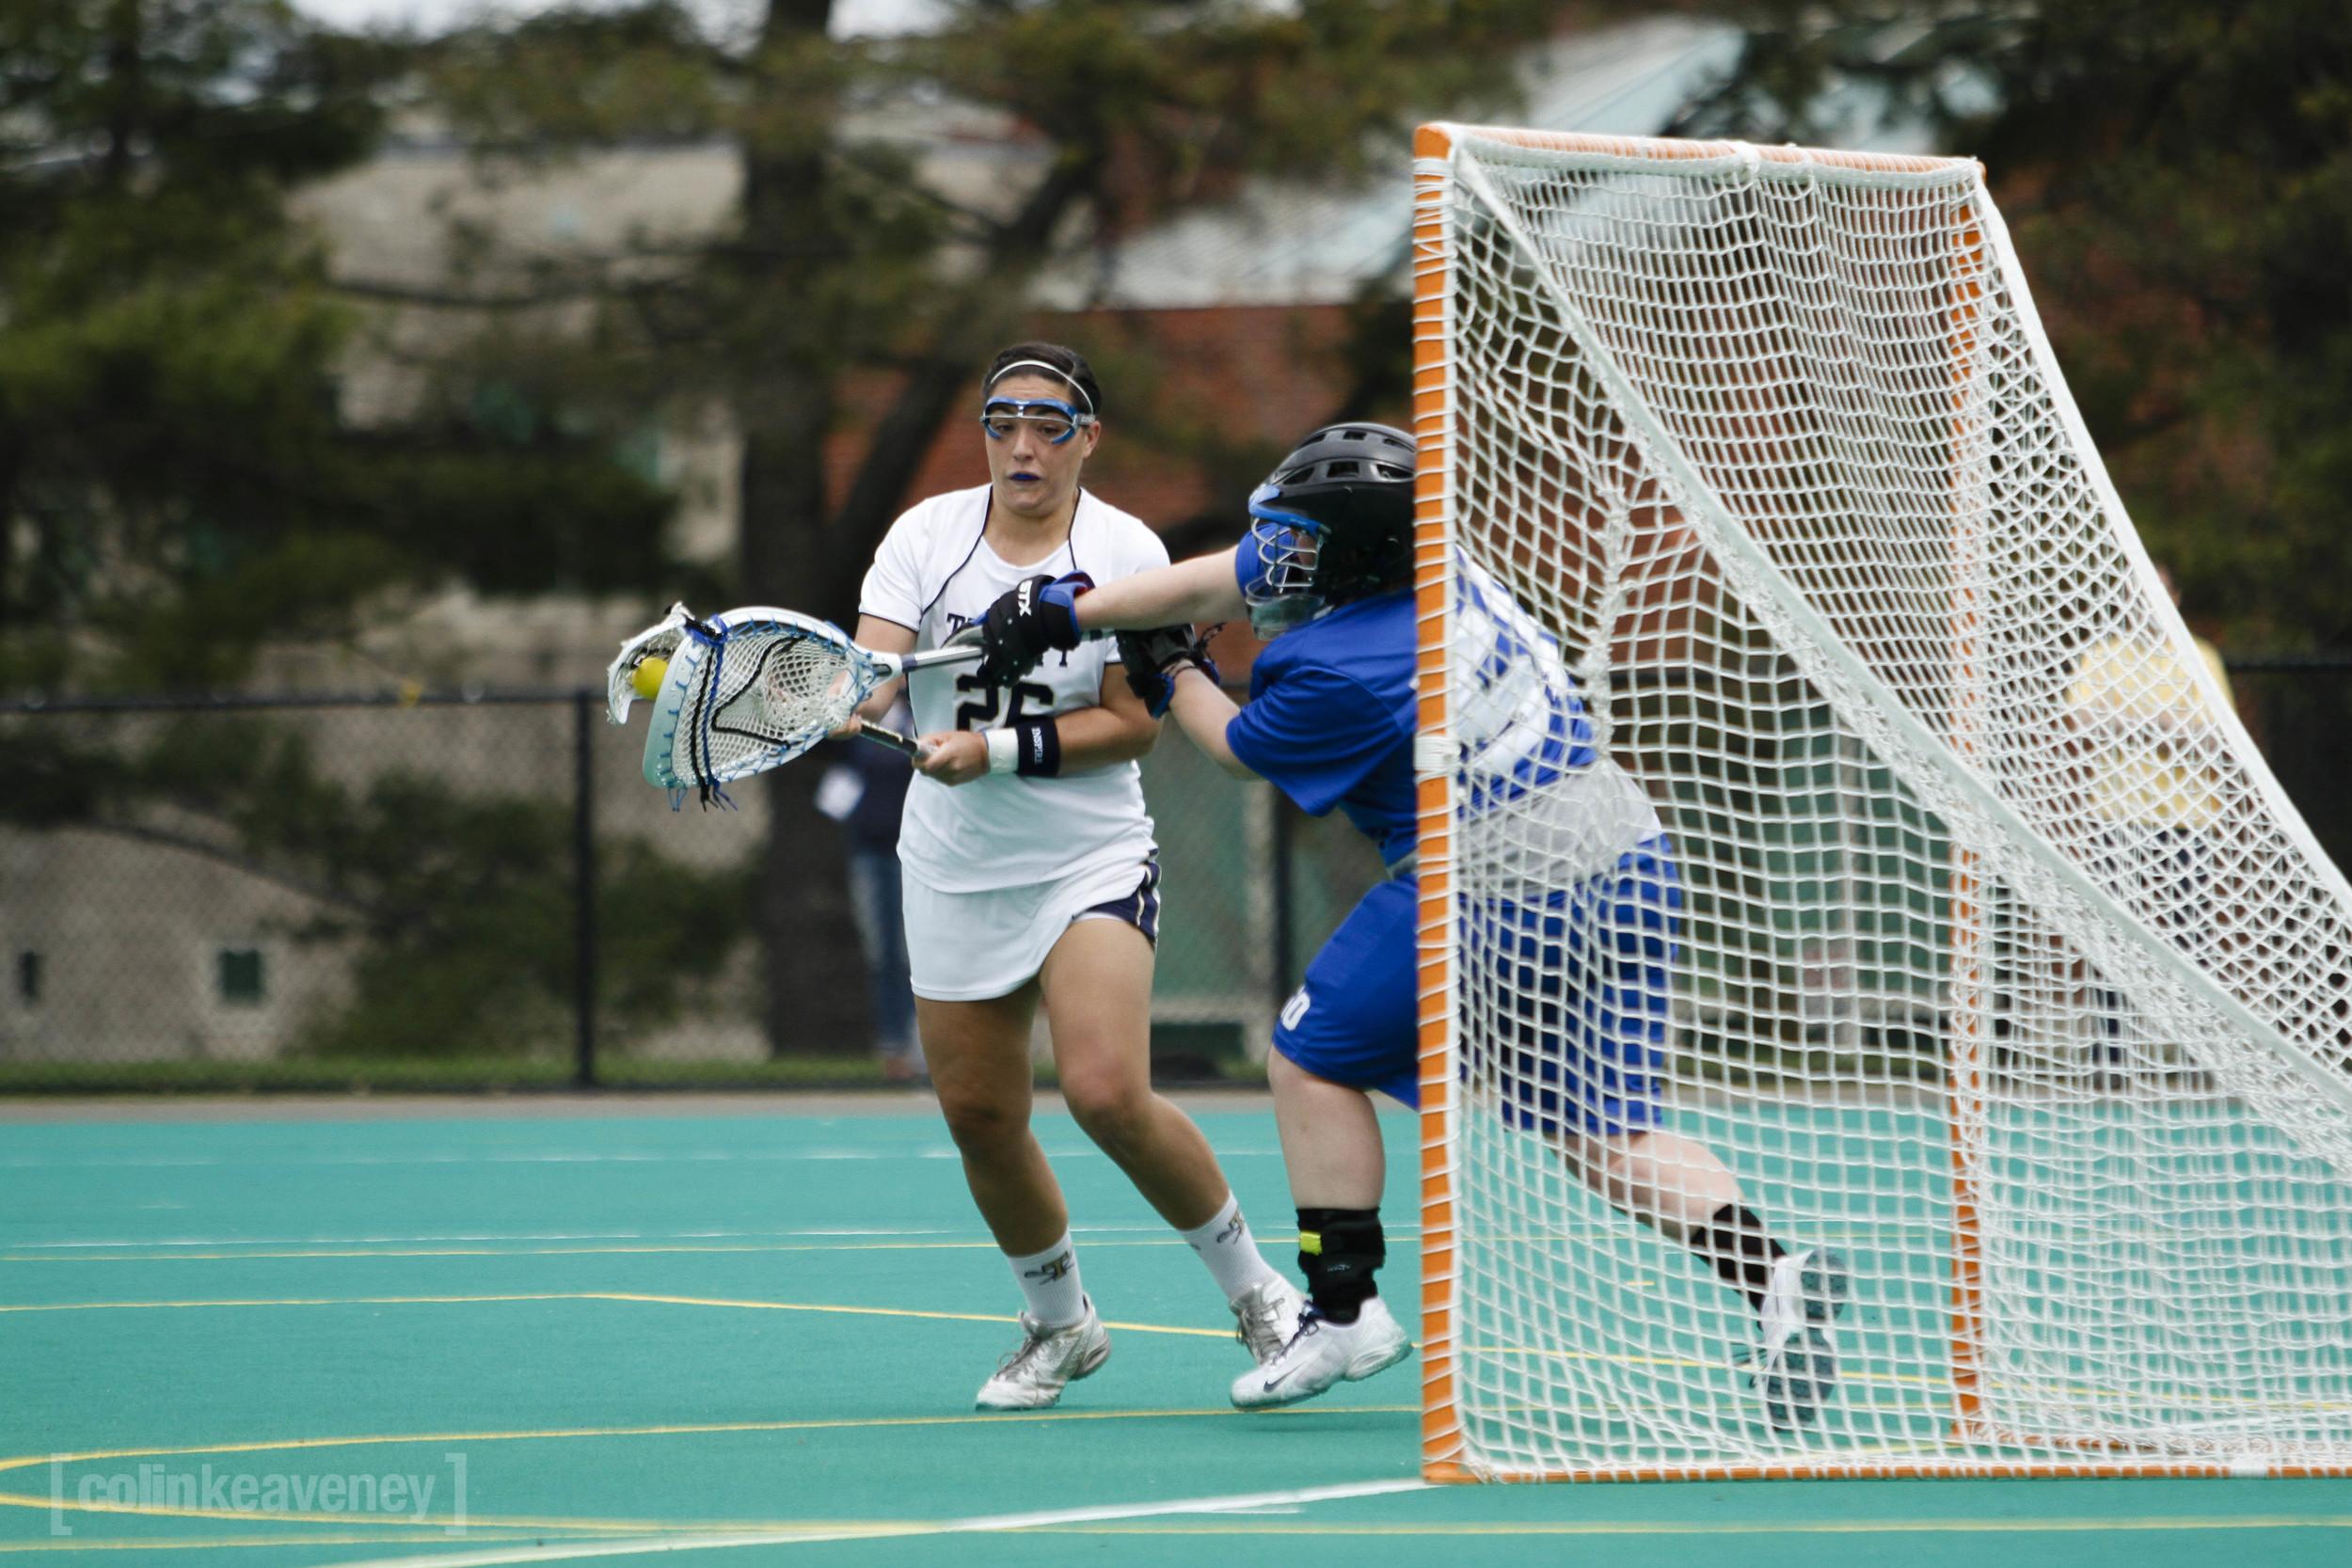 COLBY_lacrosse-64.jpg